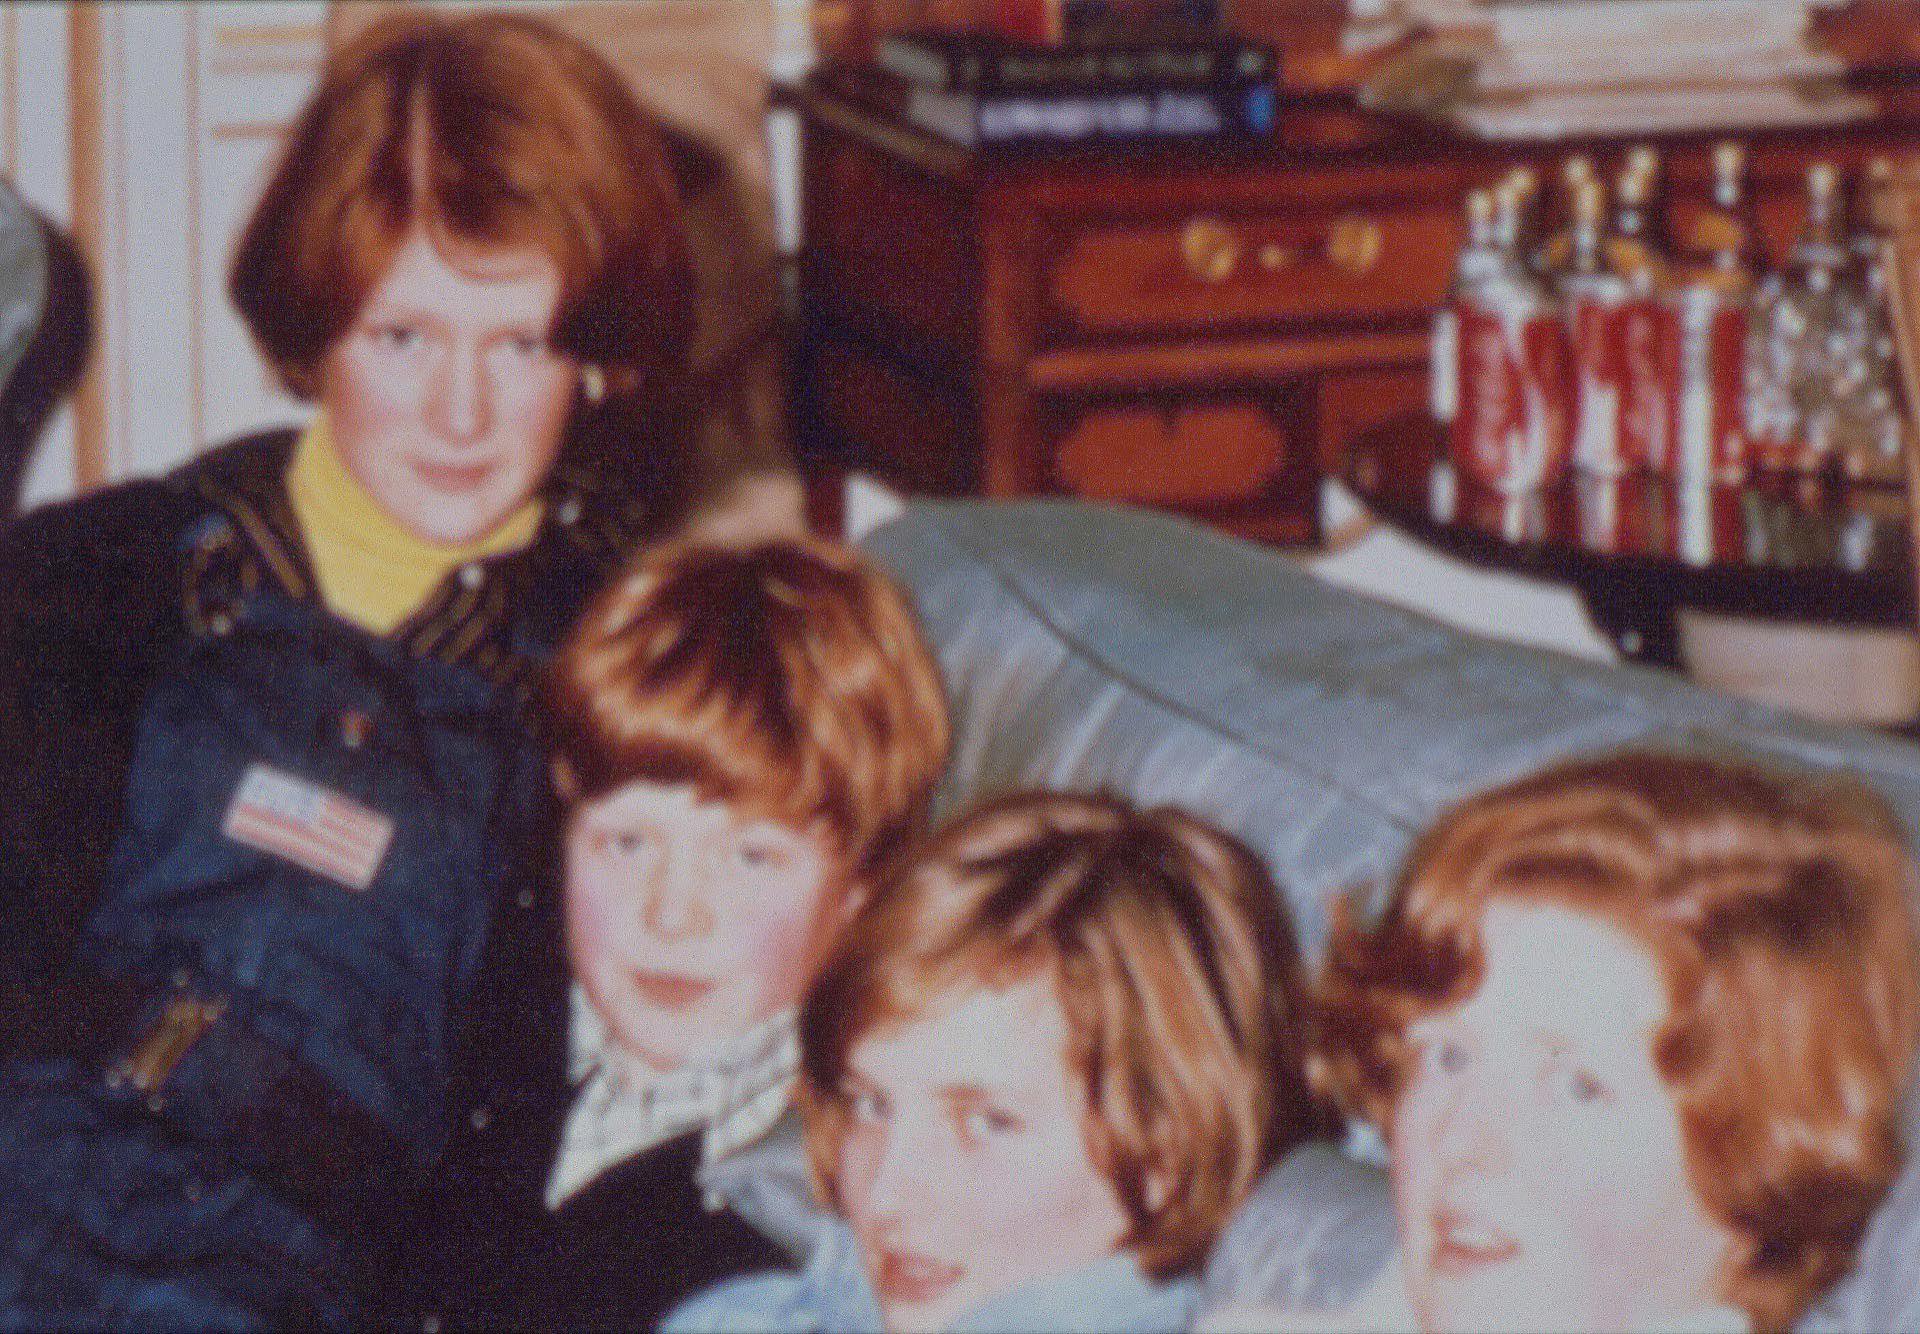 Una foto de la infancia de Diana en la casa de los Spencer, junto a sus hermanos.